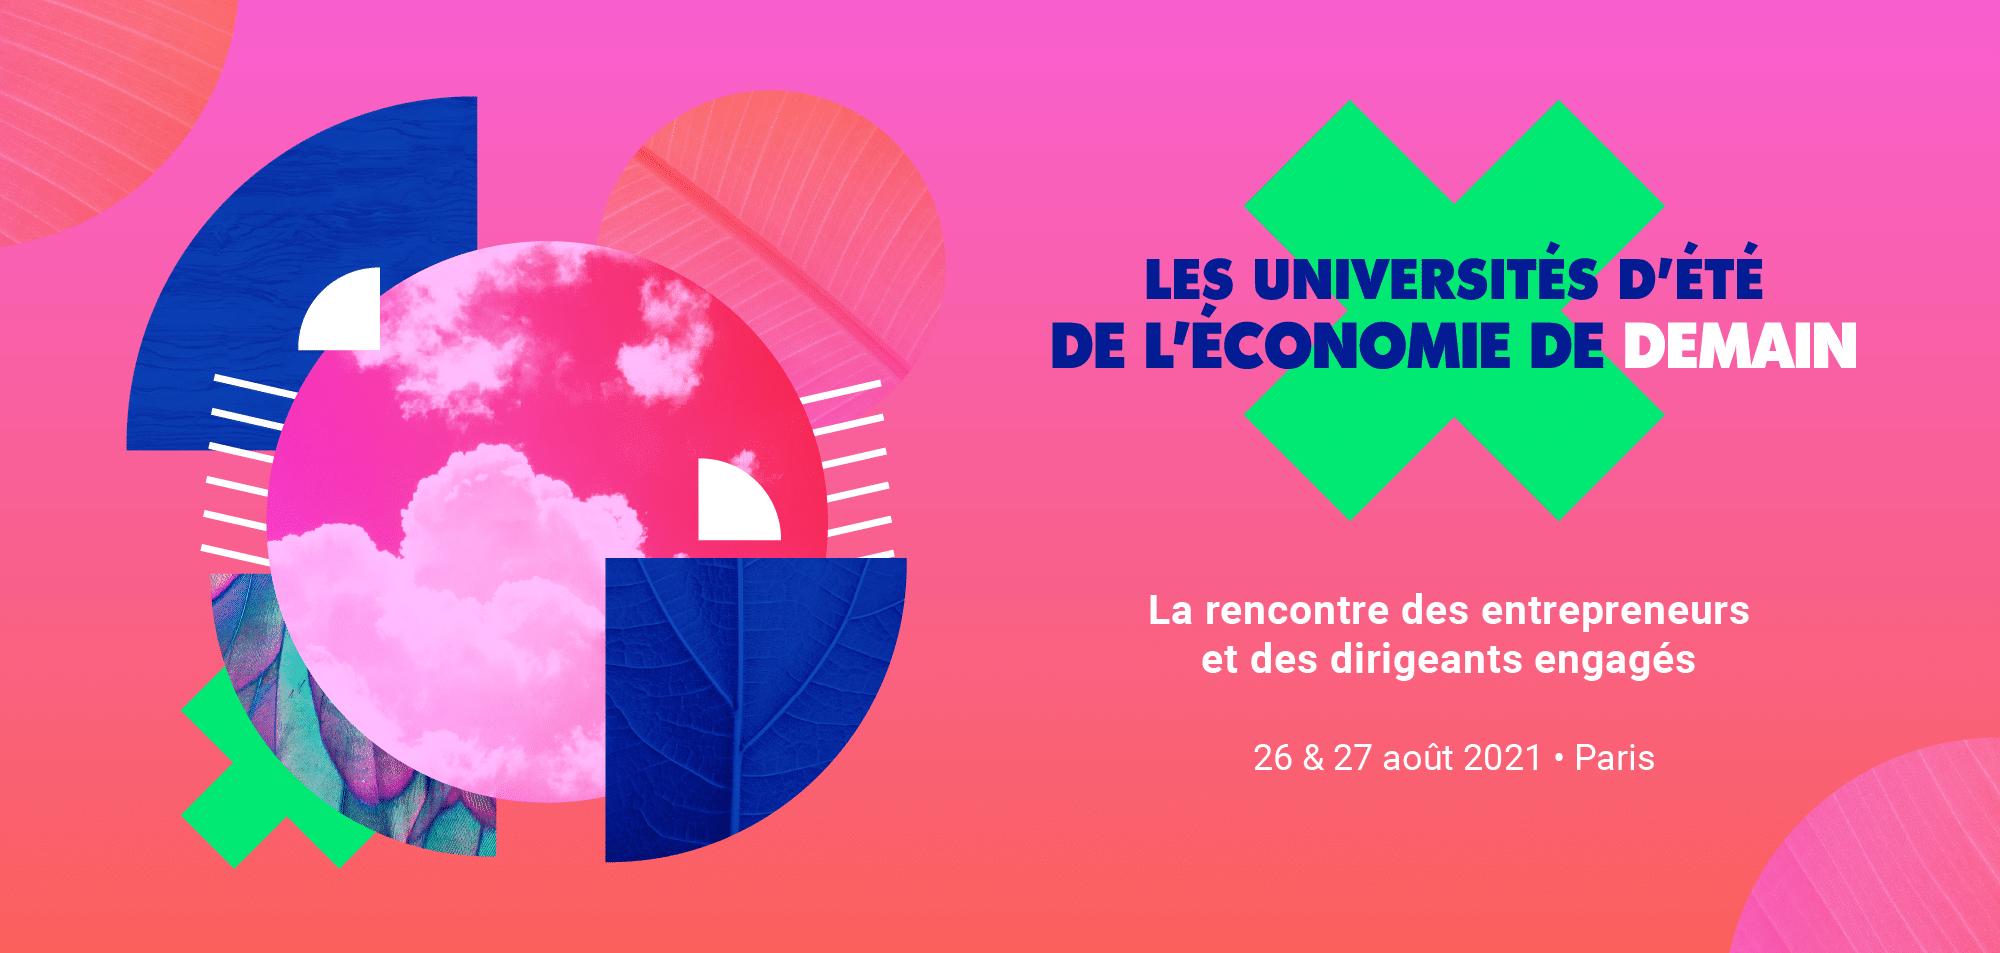 Les Universités d'Été de l'Économie de Demain - UEED 2021